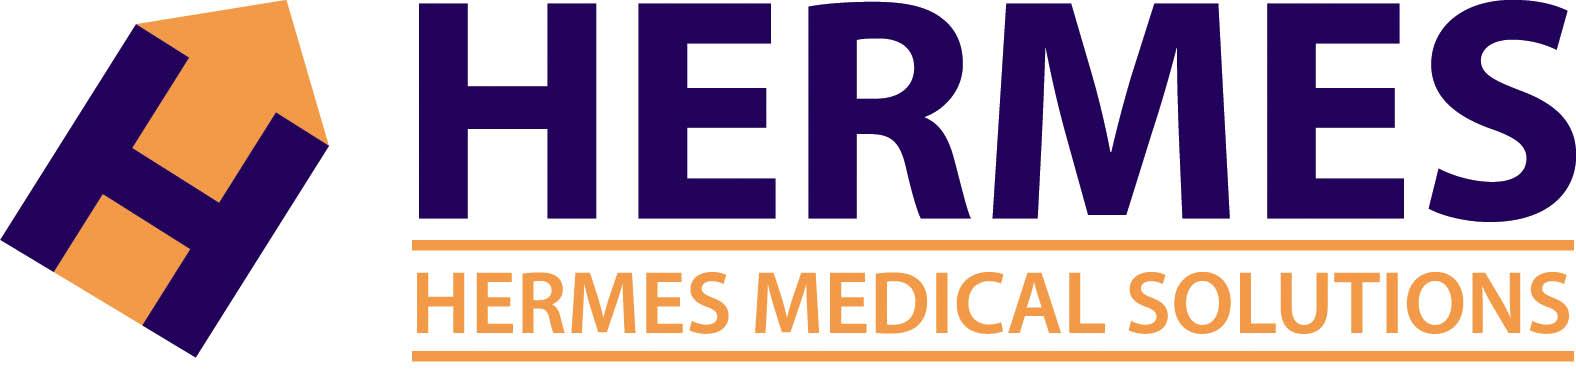 hermes_official_logo